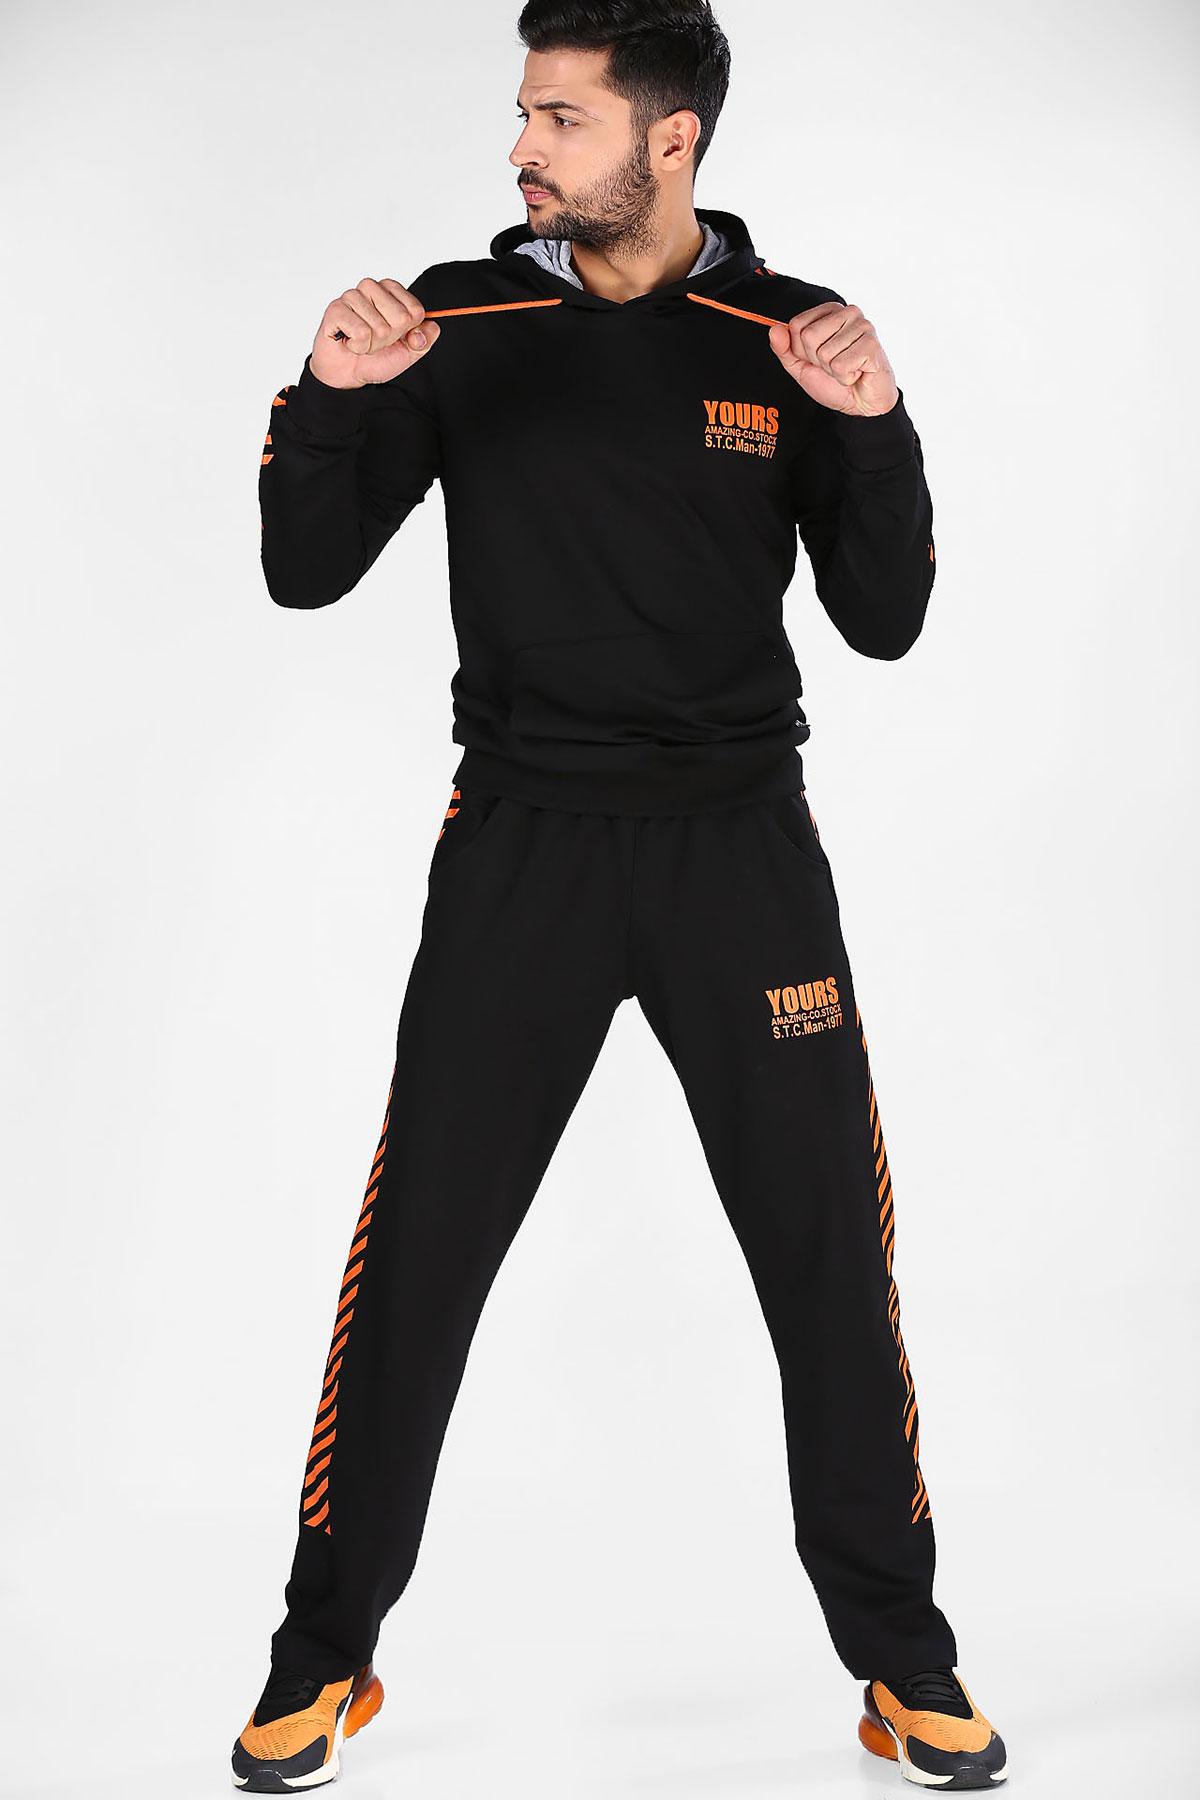 Men's Printed Black Training Suit